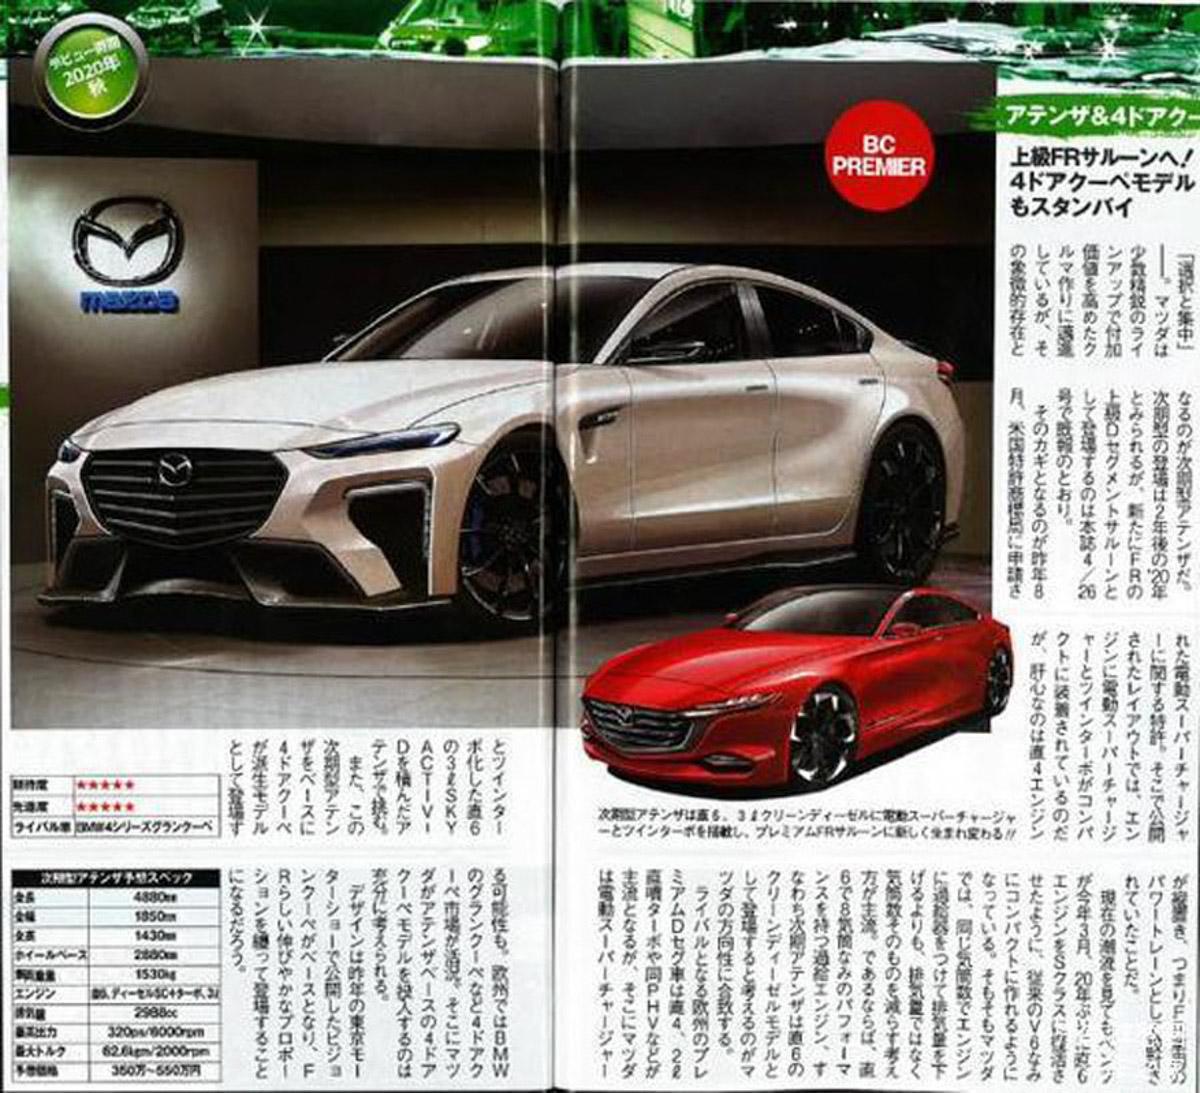 Mazda6 大改款延迟推出,原因就是因为它!